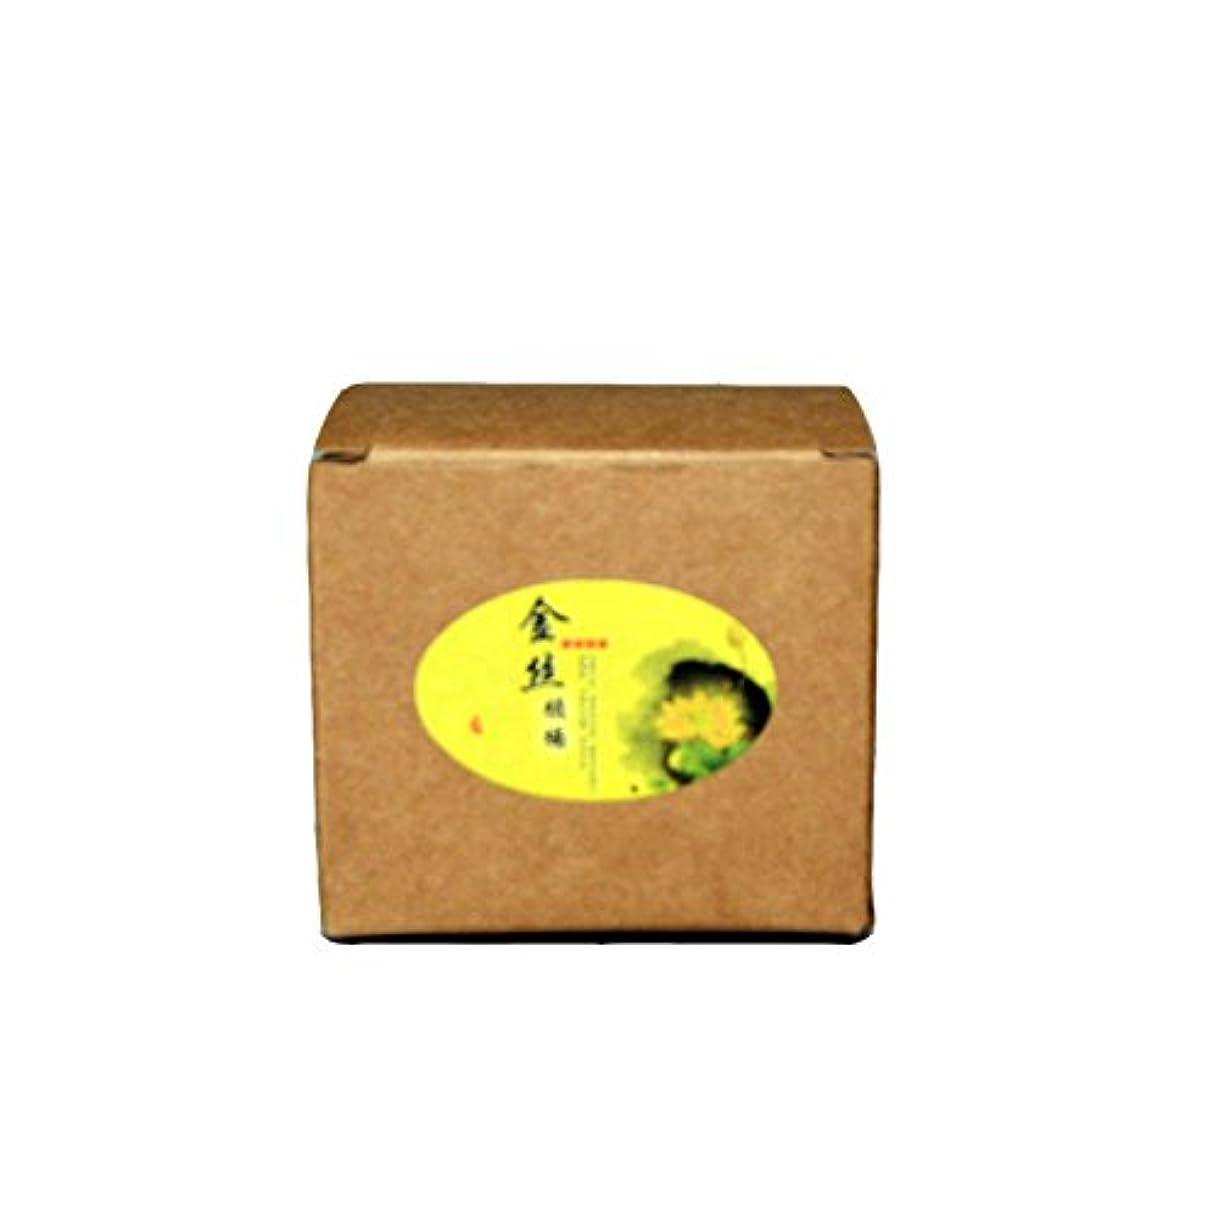 びっくりした作業必需品天然仏香; ビャクダン; きゃら;じんこう;線香;神具; 仏具; 一护の健康; マッサージを缓める; あん摩する